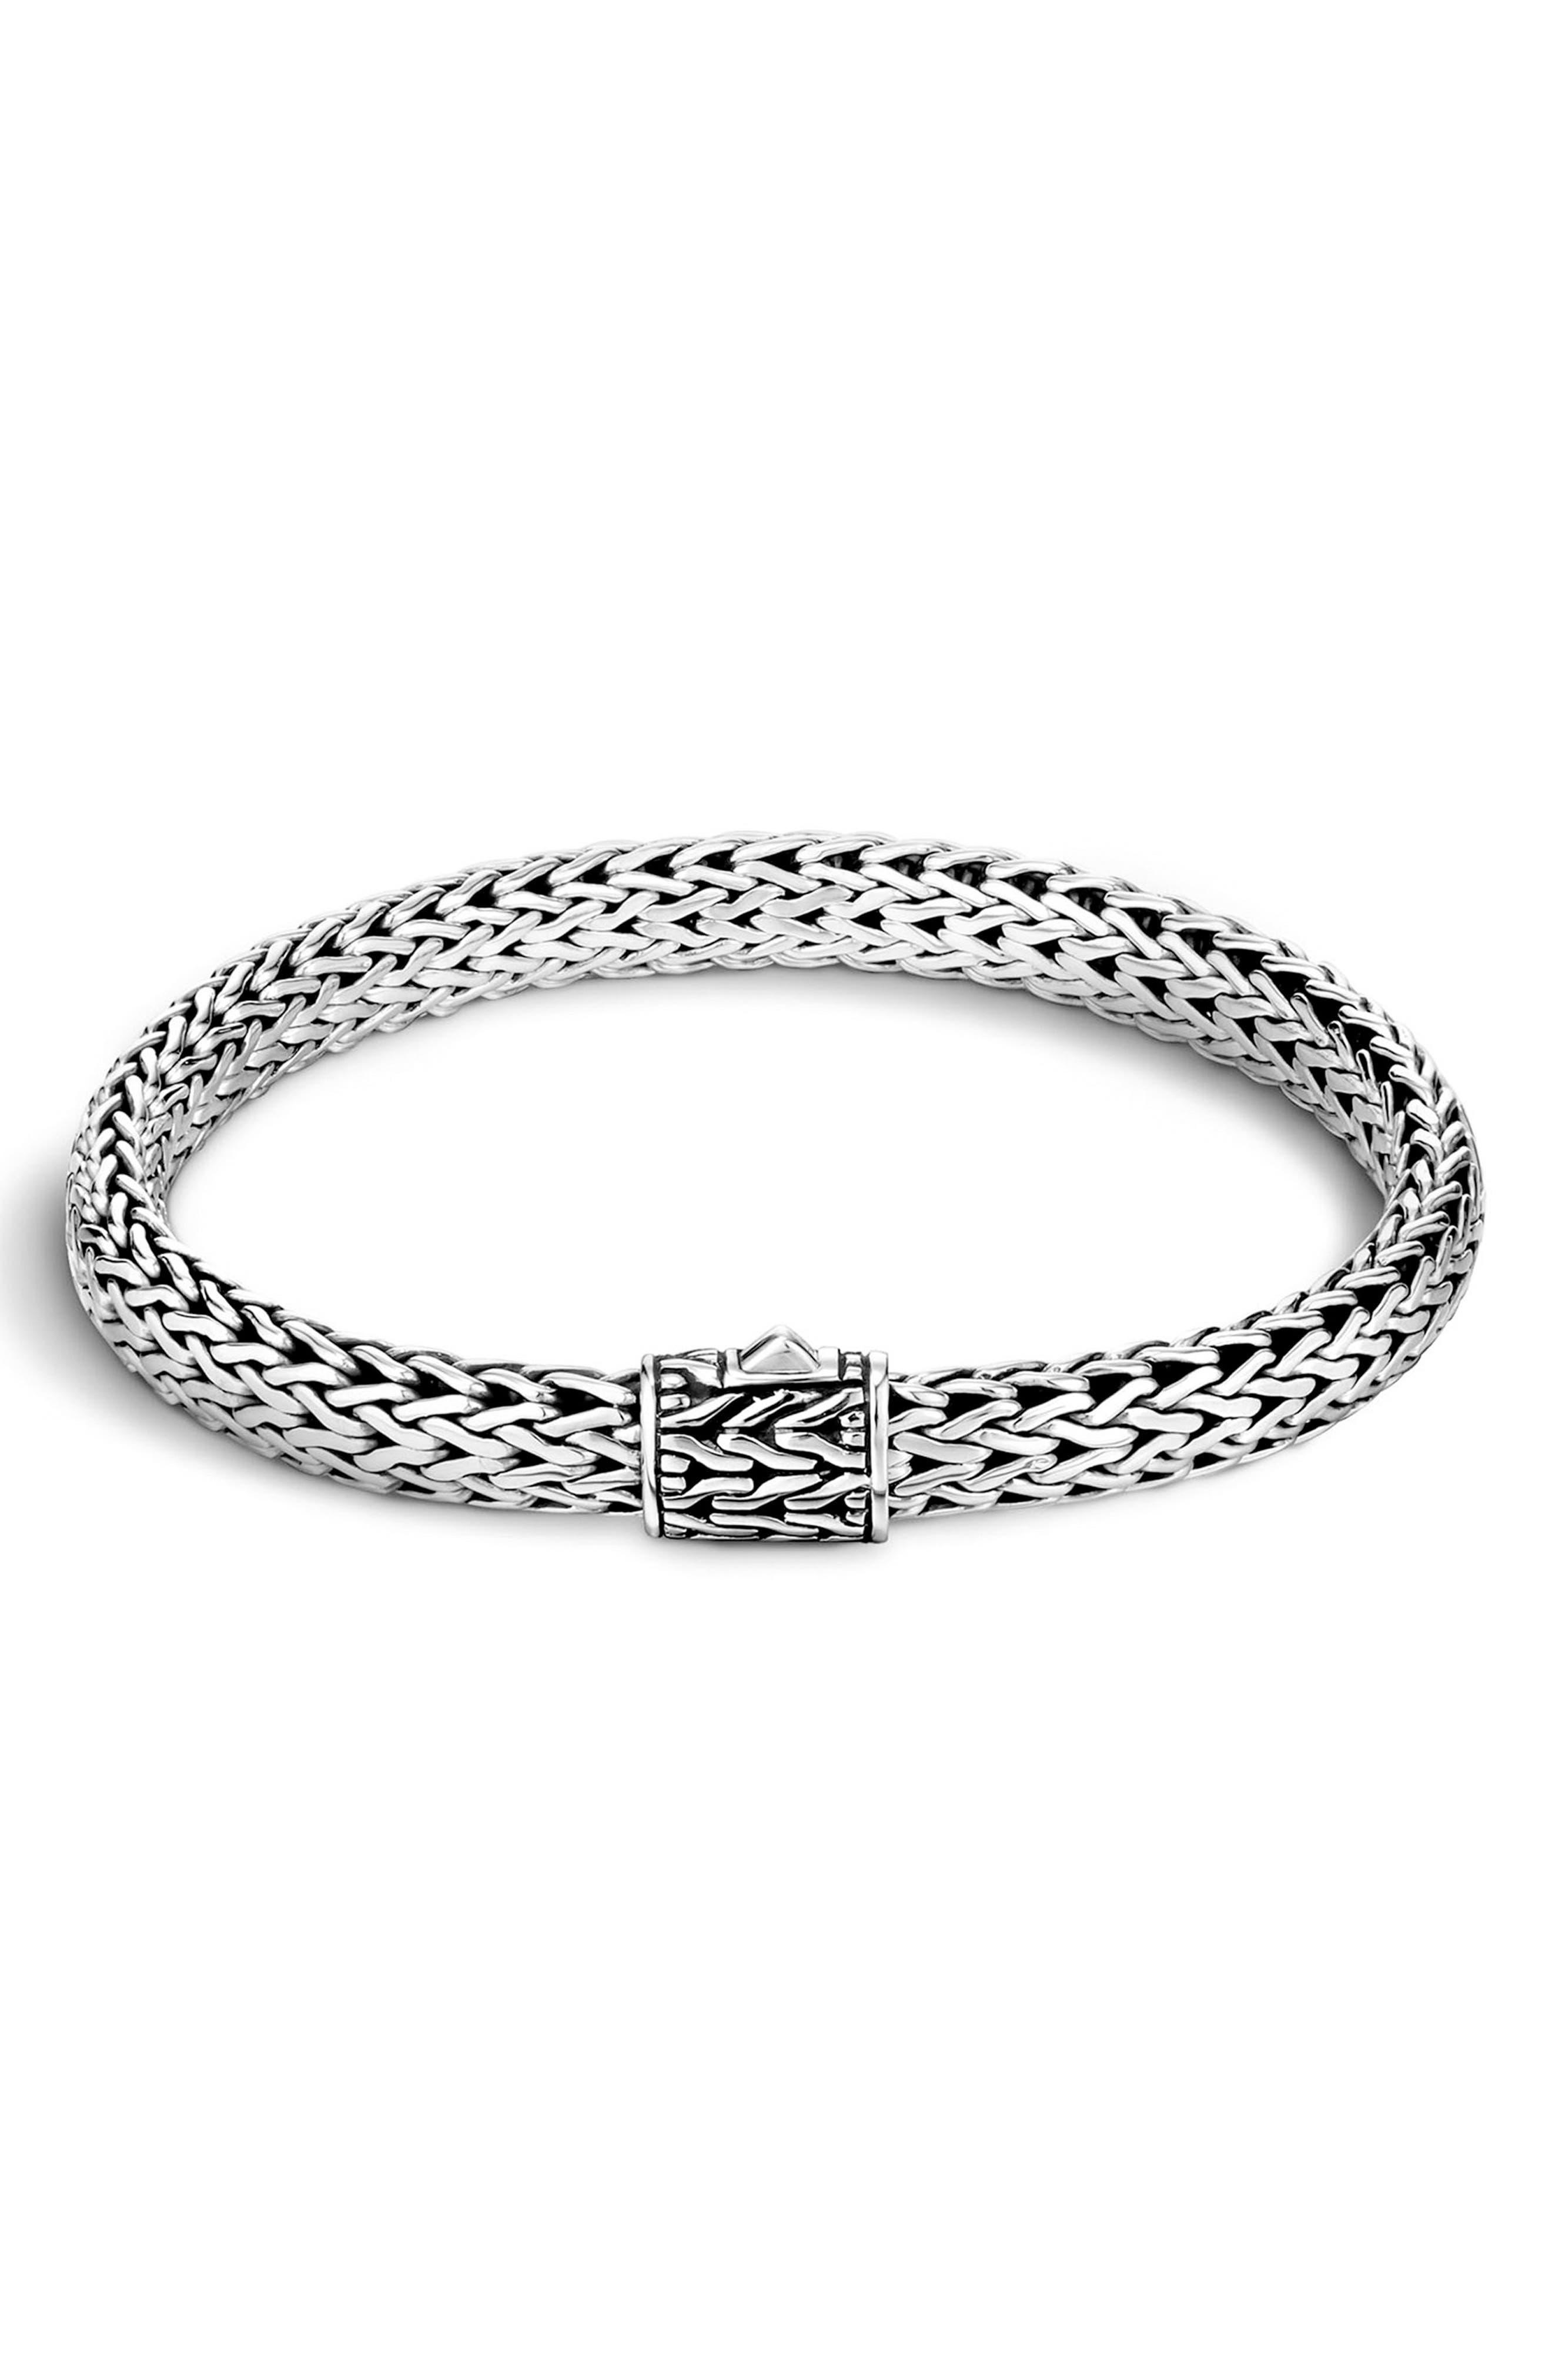 Kali Classic Chain Bracelet,                         Main,                         color, Silver